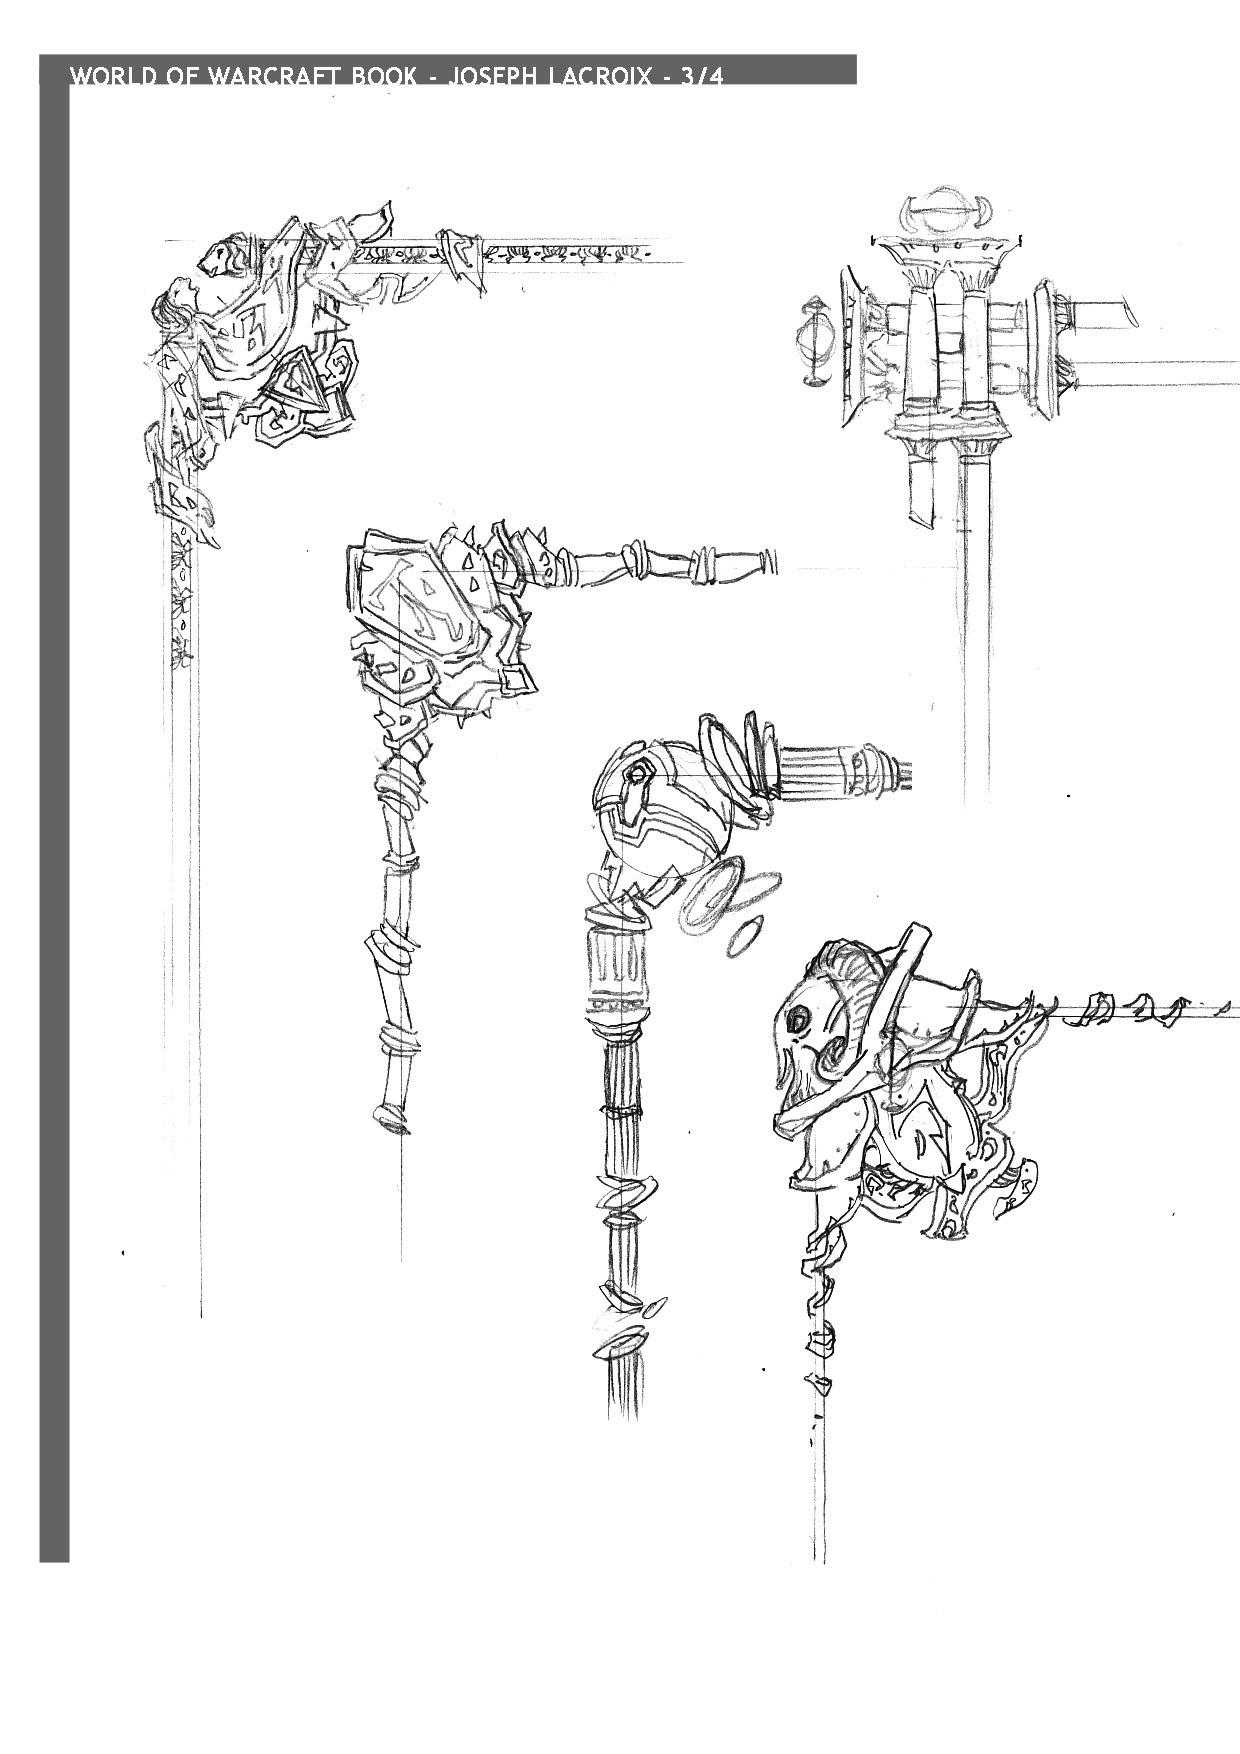 Dessin réalisé par Joseph Lacroix pour World of Warcraft: Chronicle Volume 1.